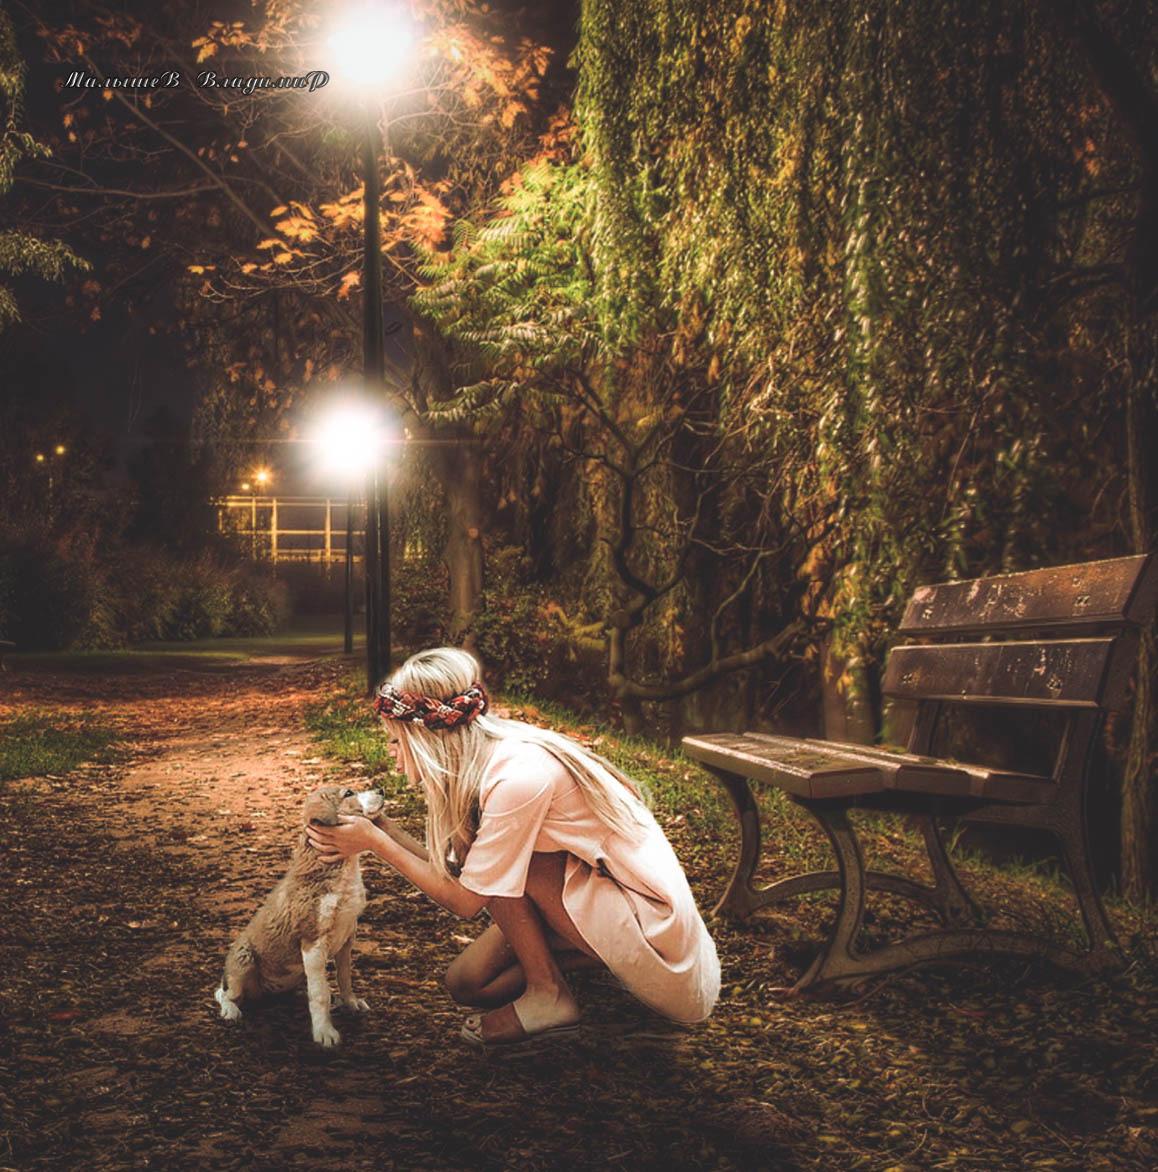 Фото Девушка с брошенным щенком в вечернем сквере